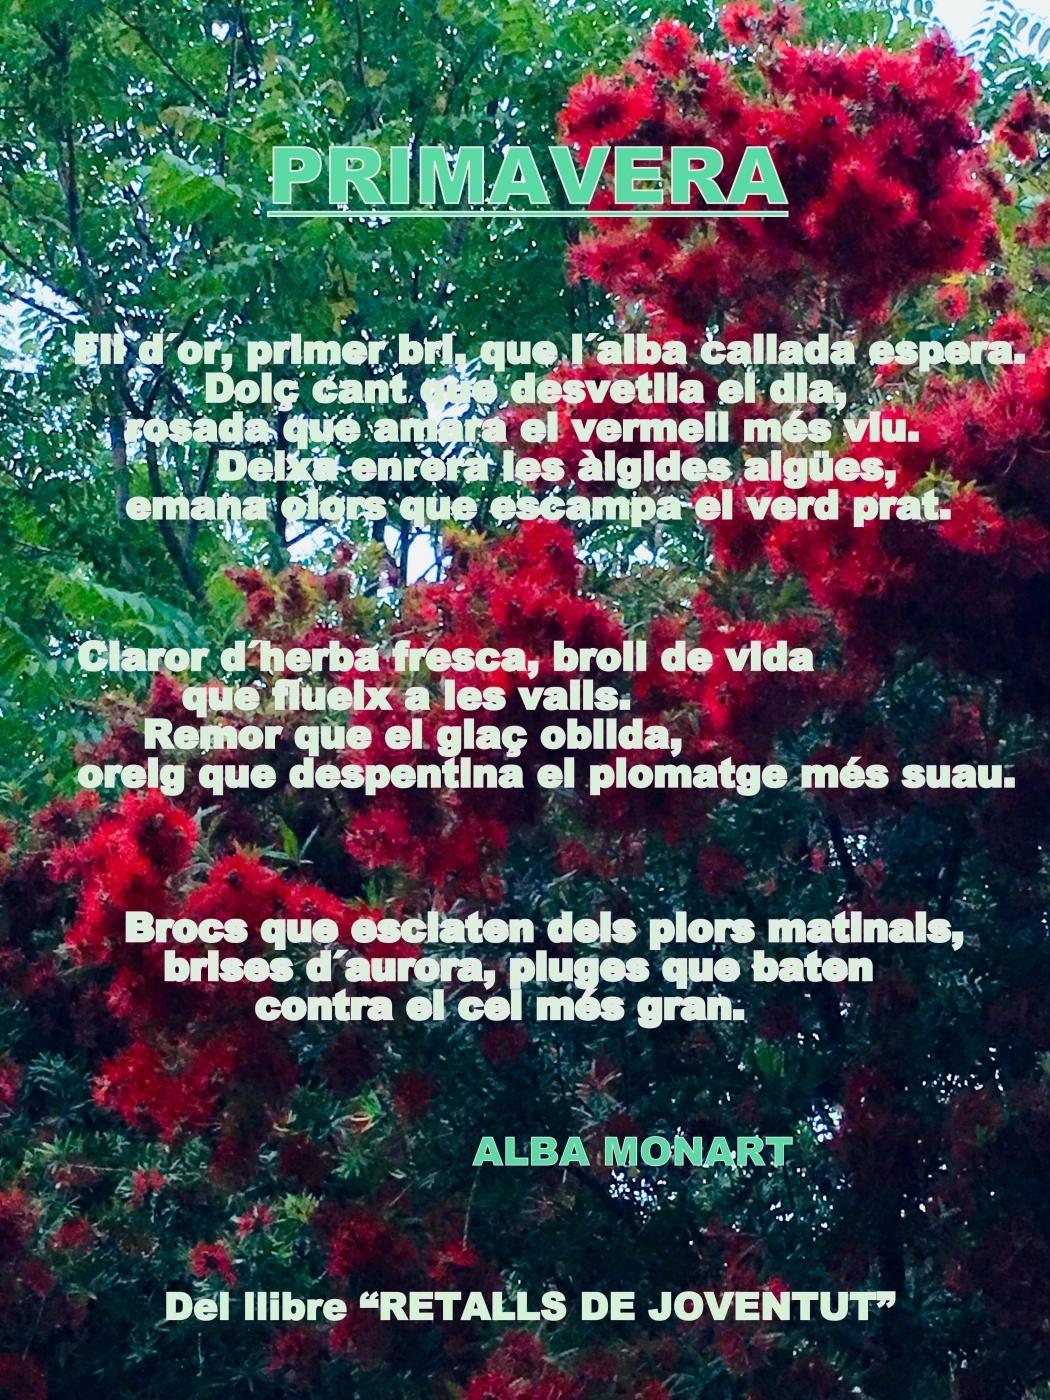 Primavera poesia Retalls de Joventut